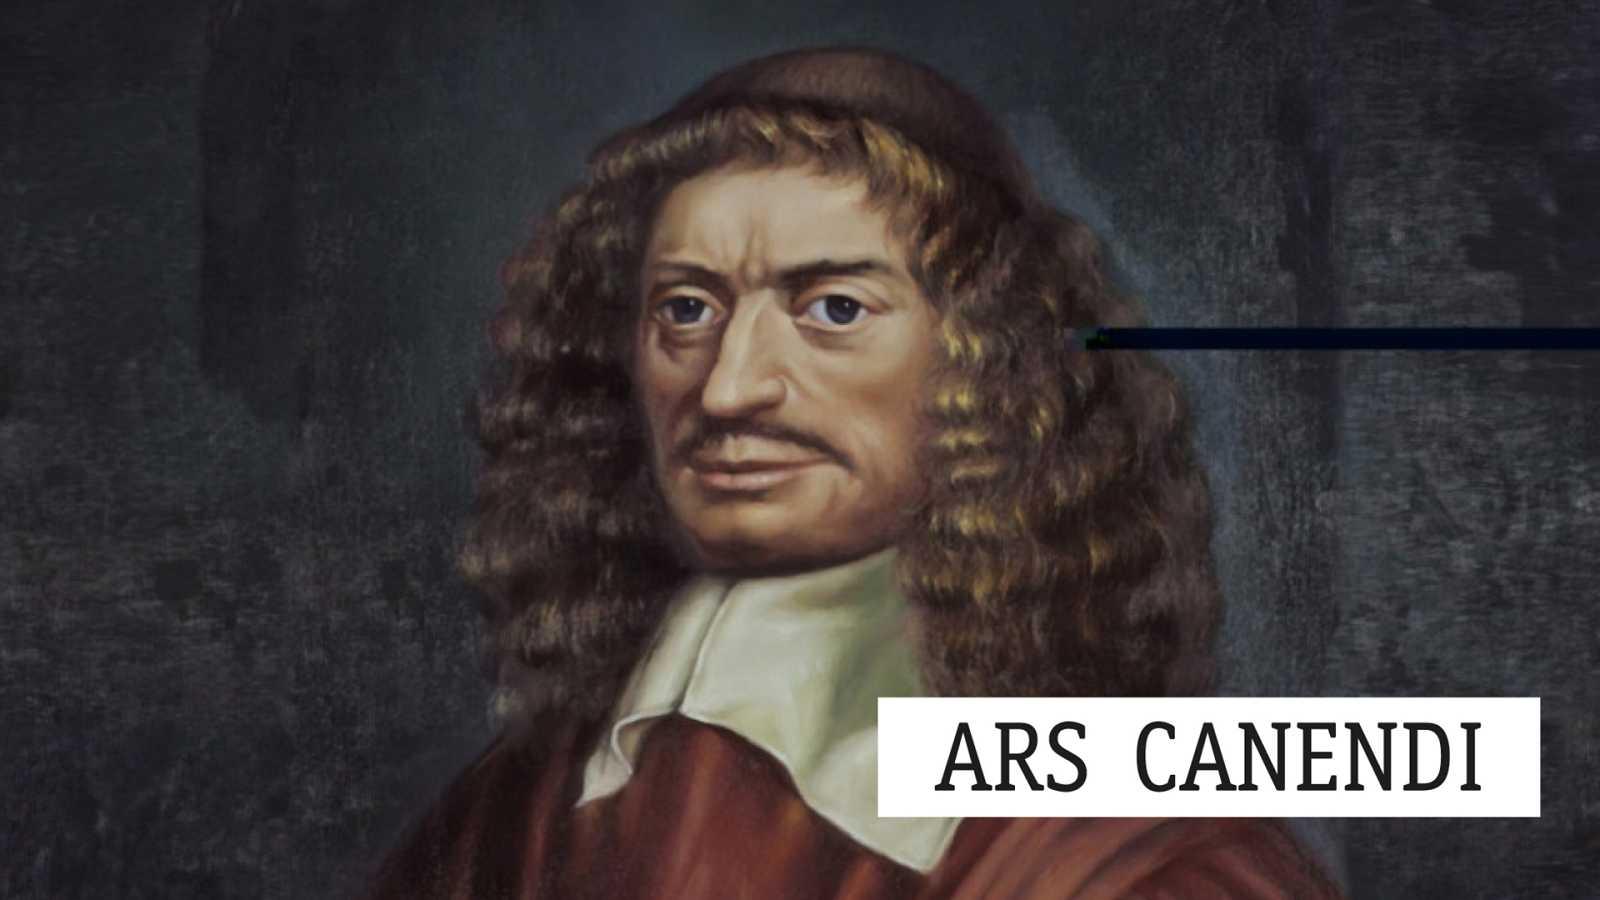 Ars canendi - Las mejores arias de nuestra vida - 18/10/20 - escuchar ahora